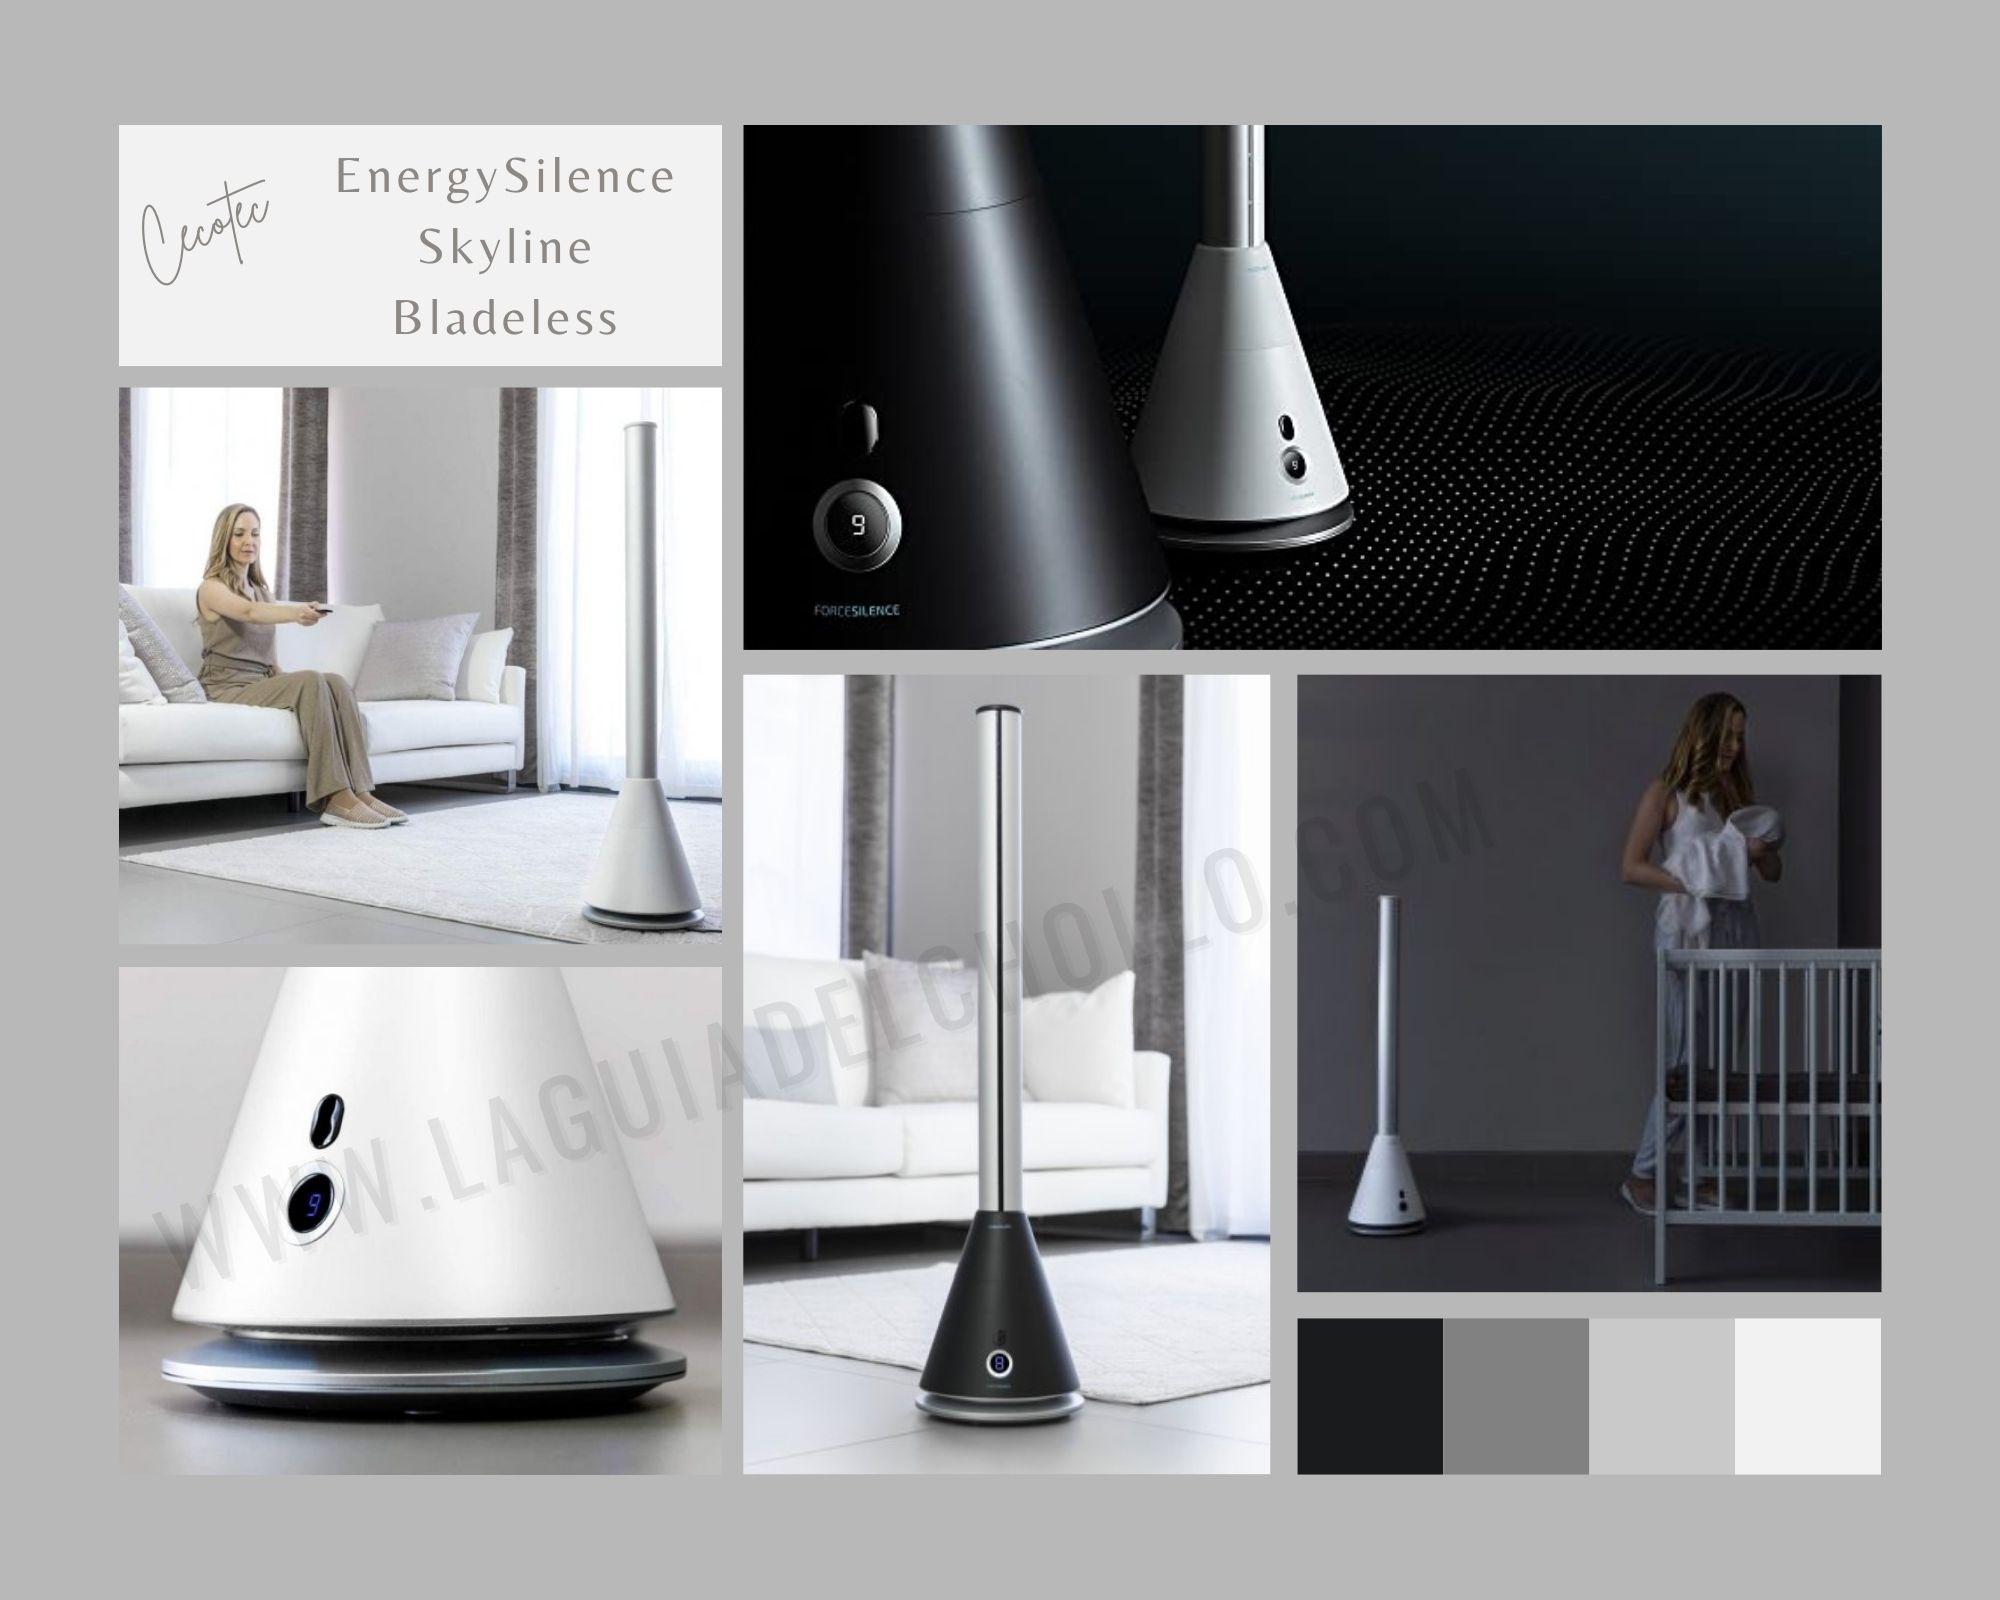 Cecotec EnergySilence 9900 Skyline Bladeless. Ofertas, Descuentos, Cupones y Rebajas para comprarlo con el Mejor Precio Online